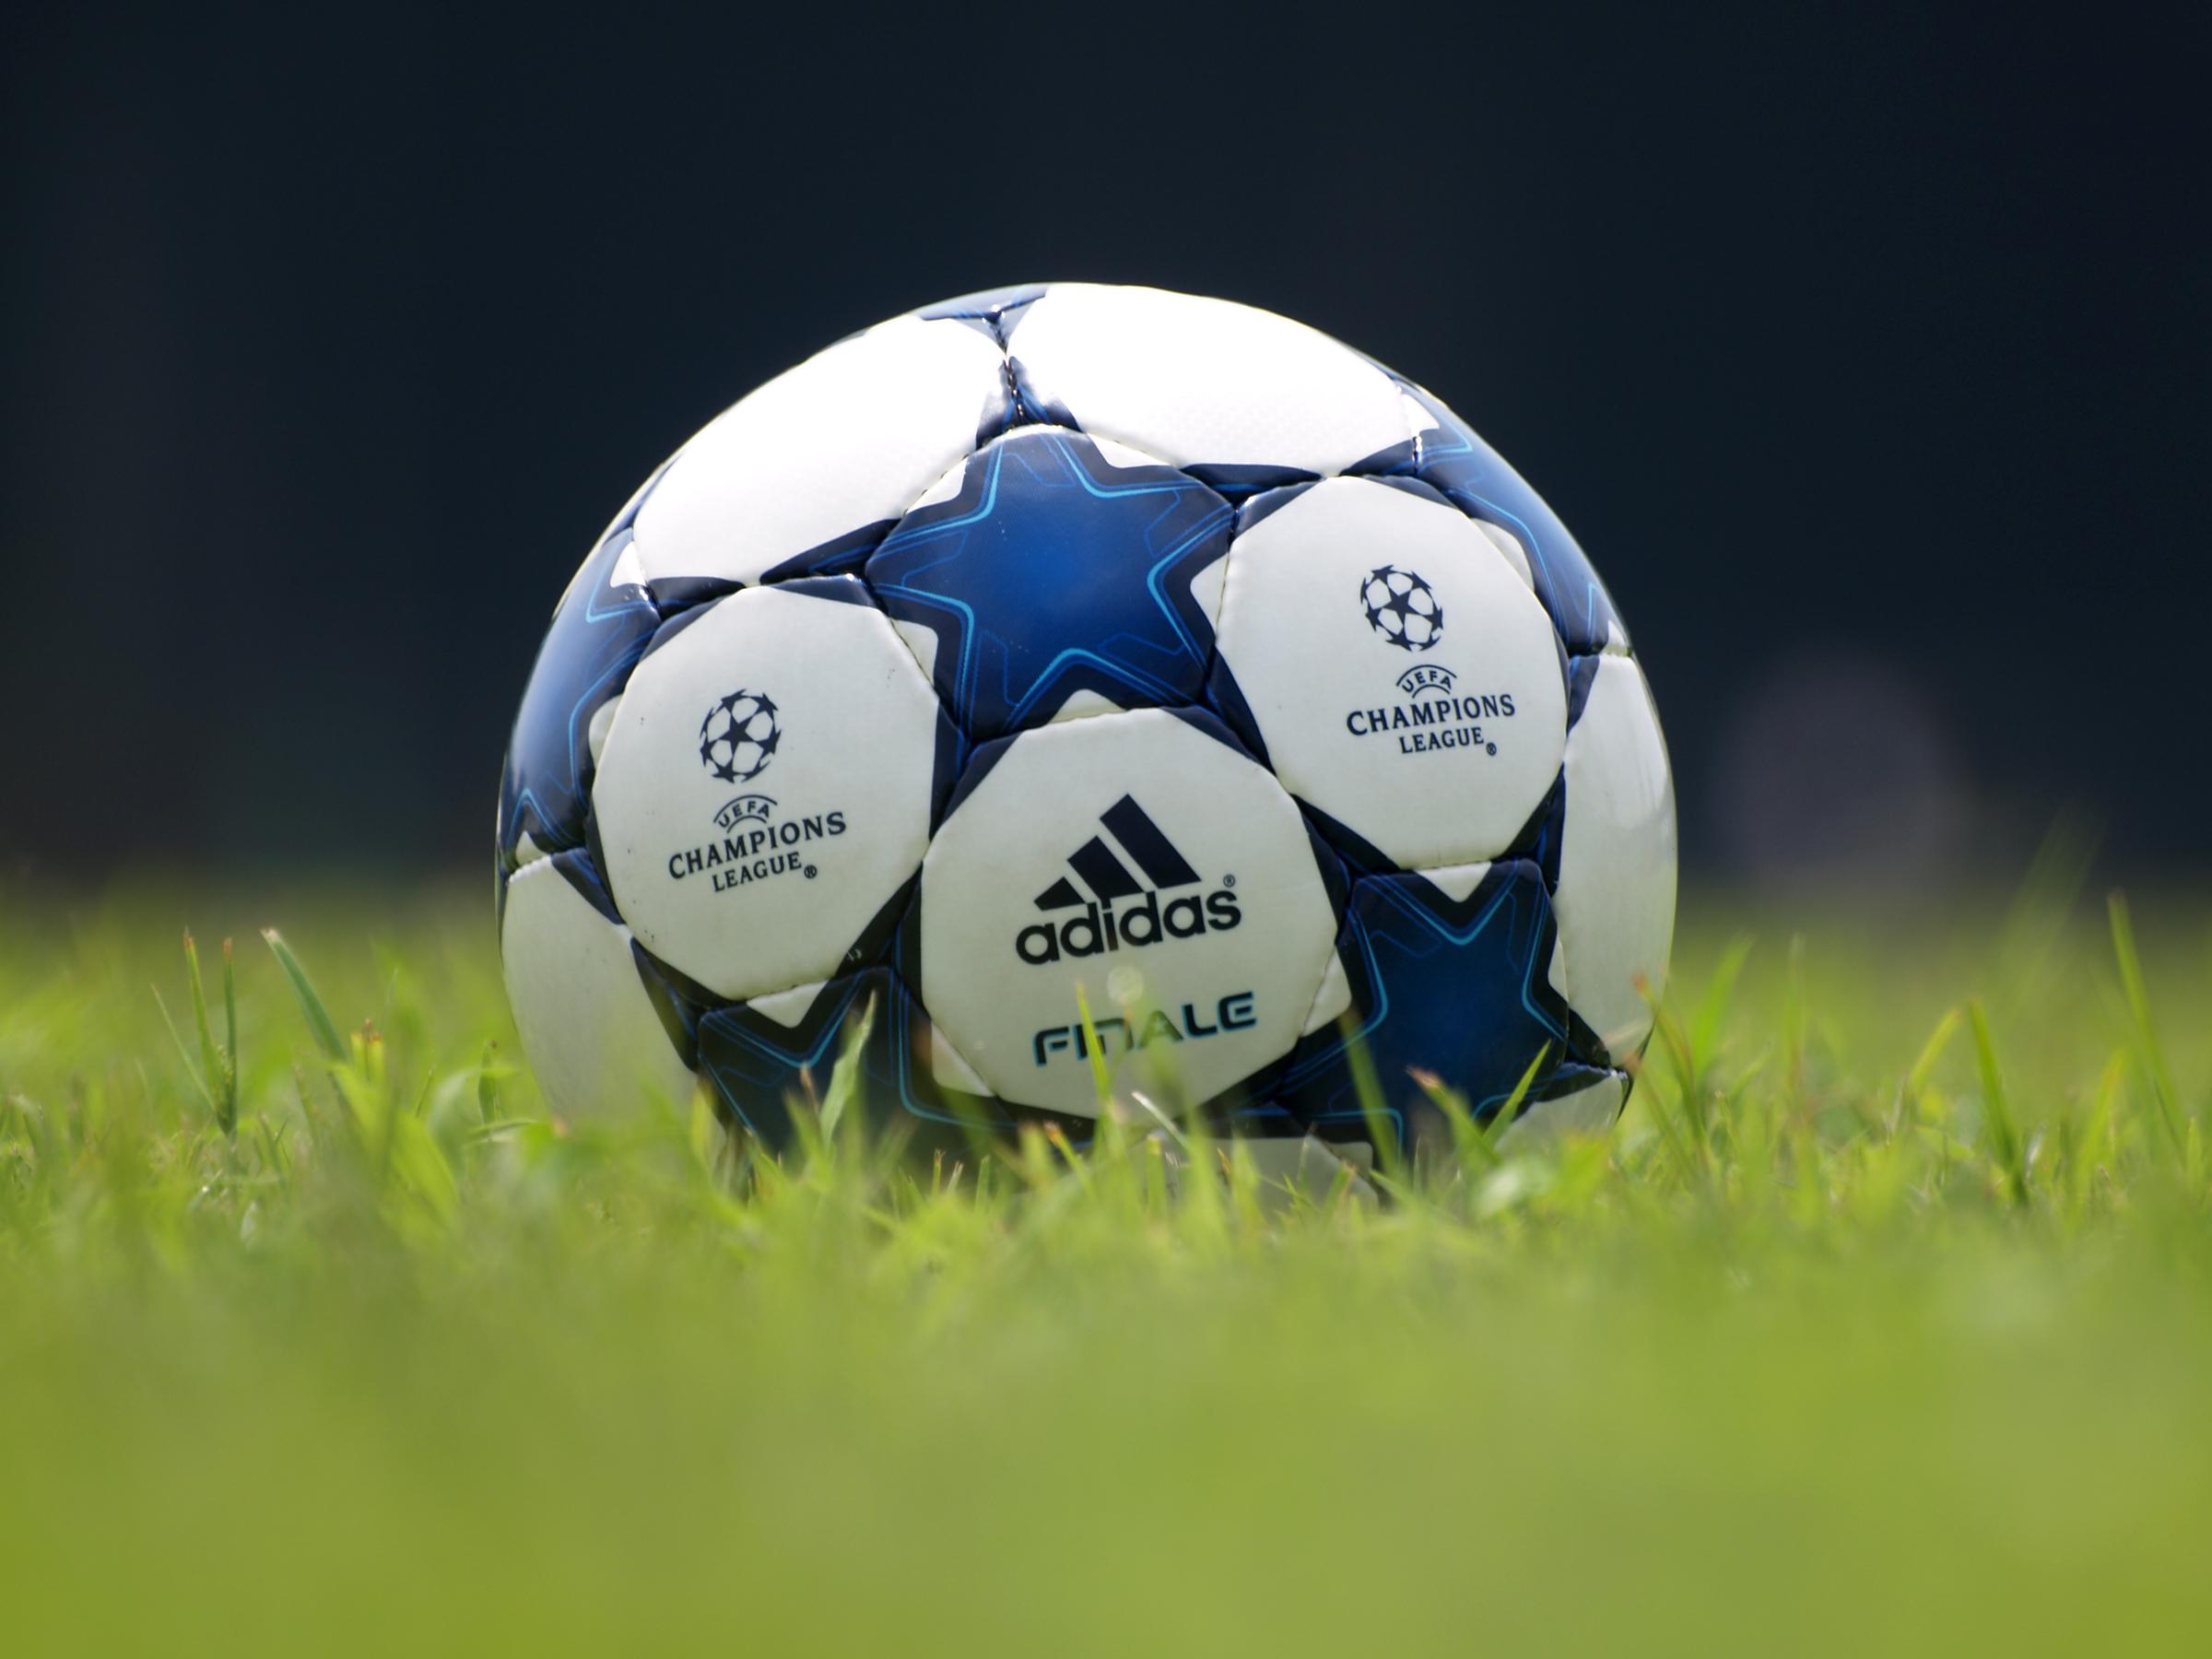 サッカーボール #3 - 著作権フリー商用可!無料画像の写真素材♪ラブフリーフォト